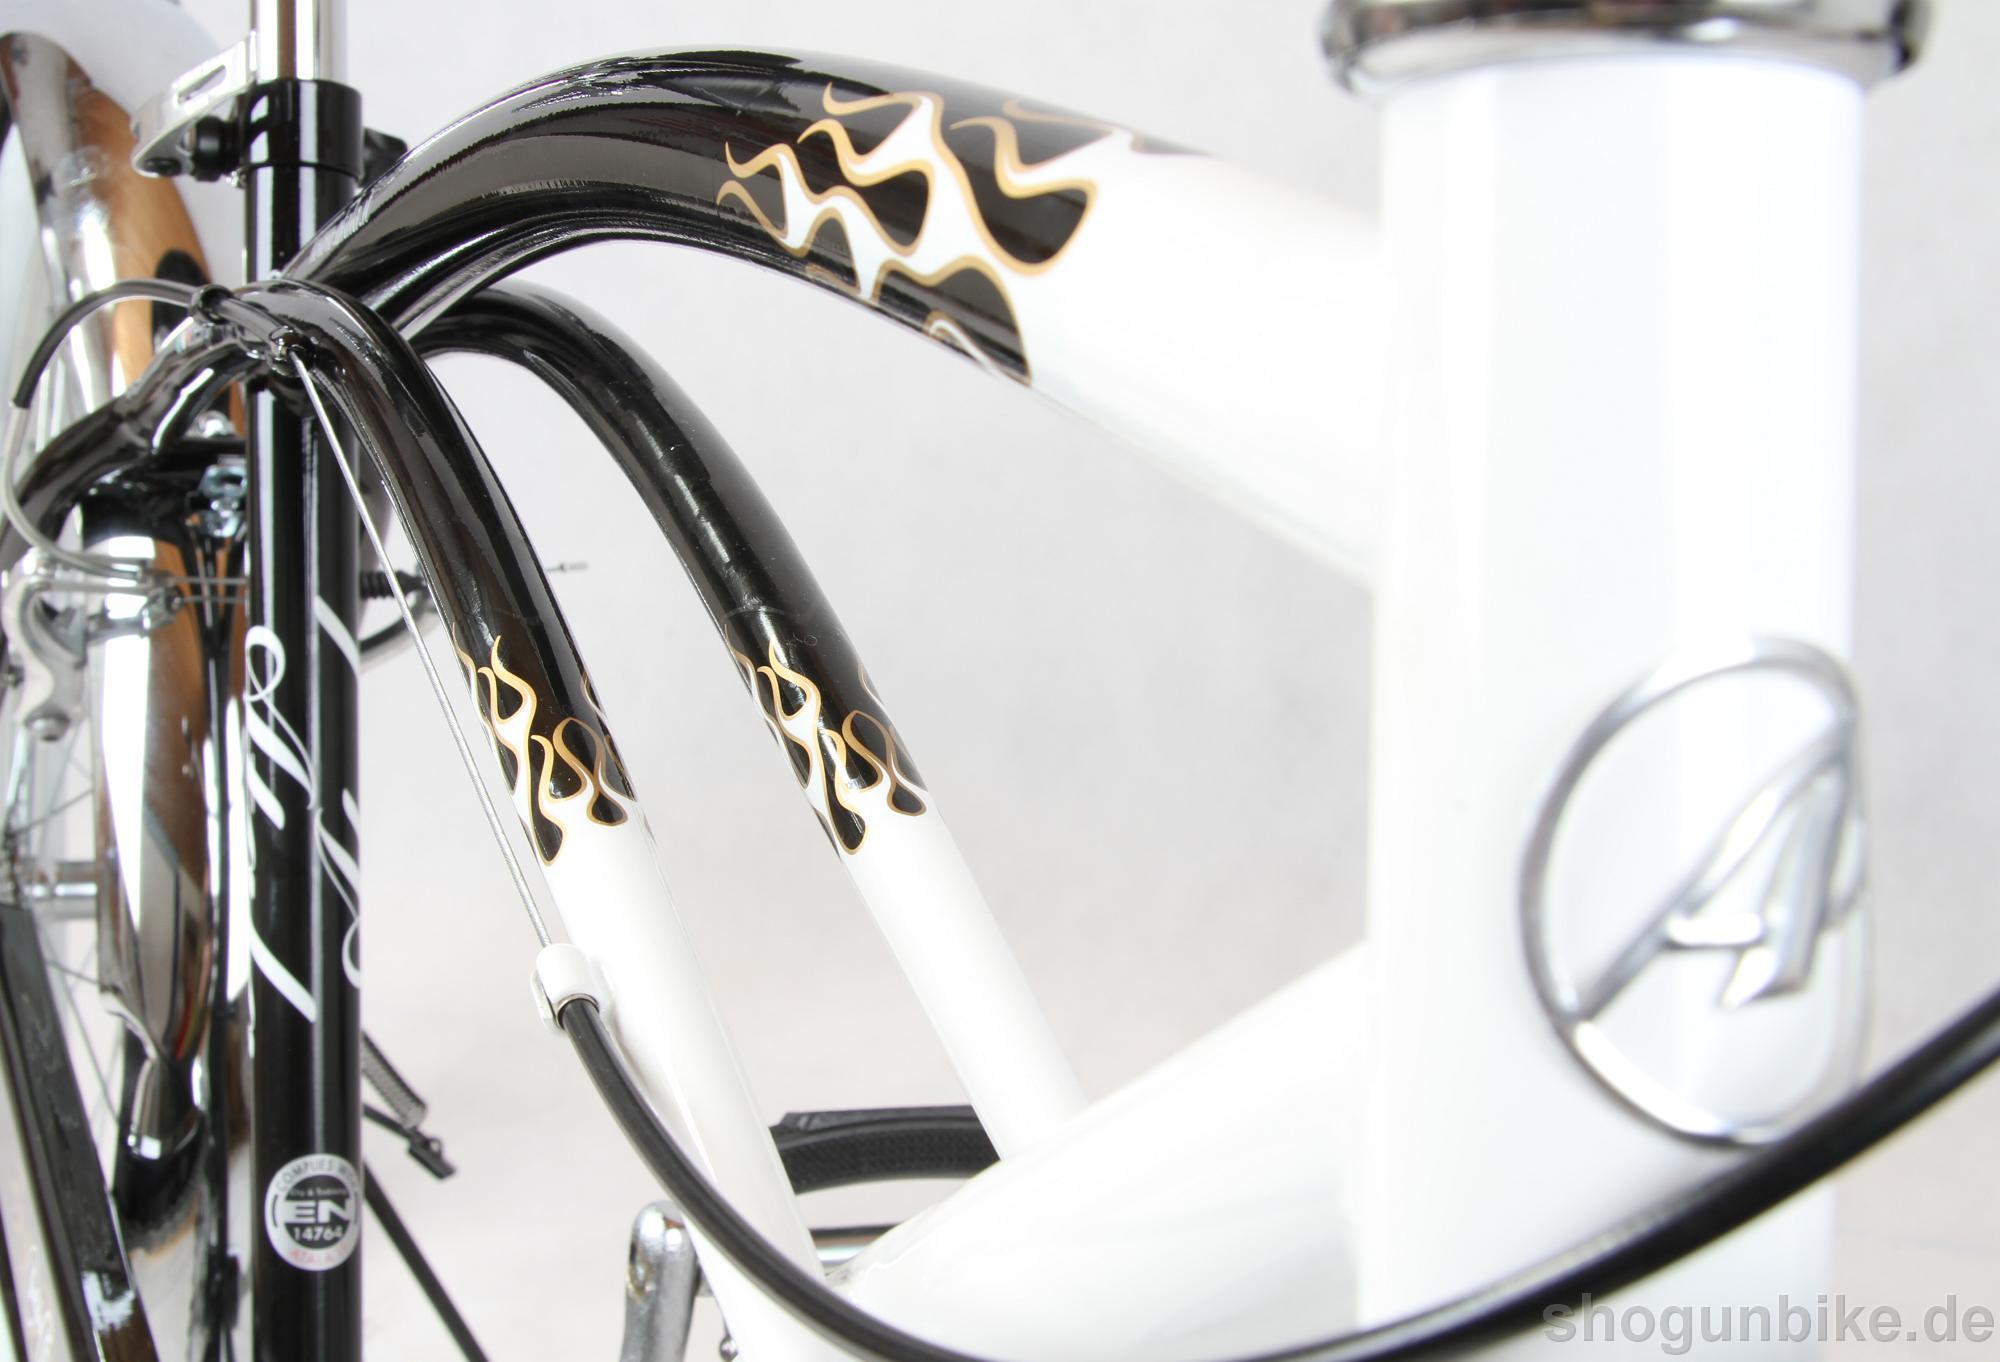 ingolstadt single rheinberg singlespeed  18 - 85053 - Ingolstadt Gebraucht Singlespeed Fixie. Fahrradhändler - Rainer Möckel - Odilostr Retro Bike Fahrrad in 85053 Ingolstadt Date herne.